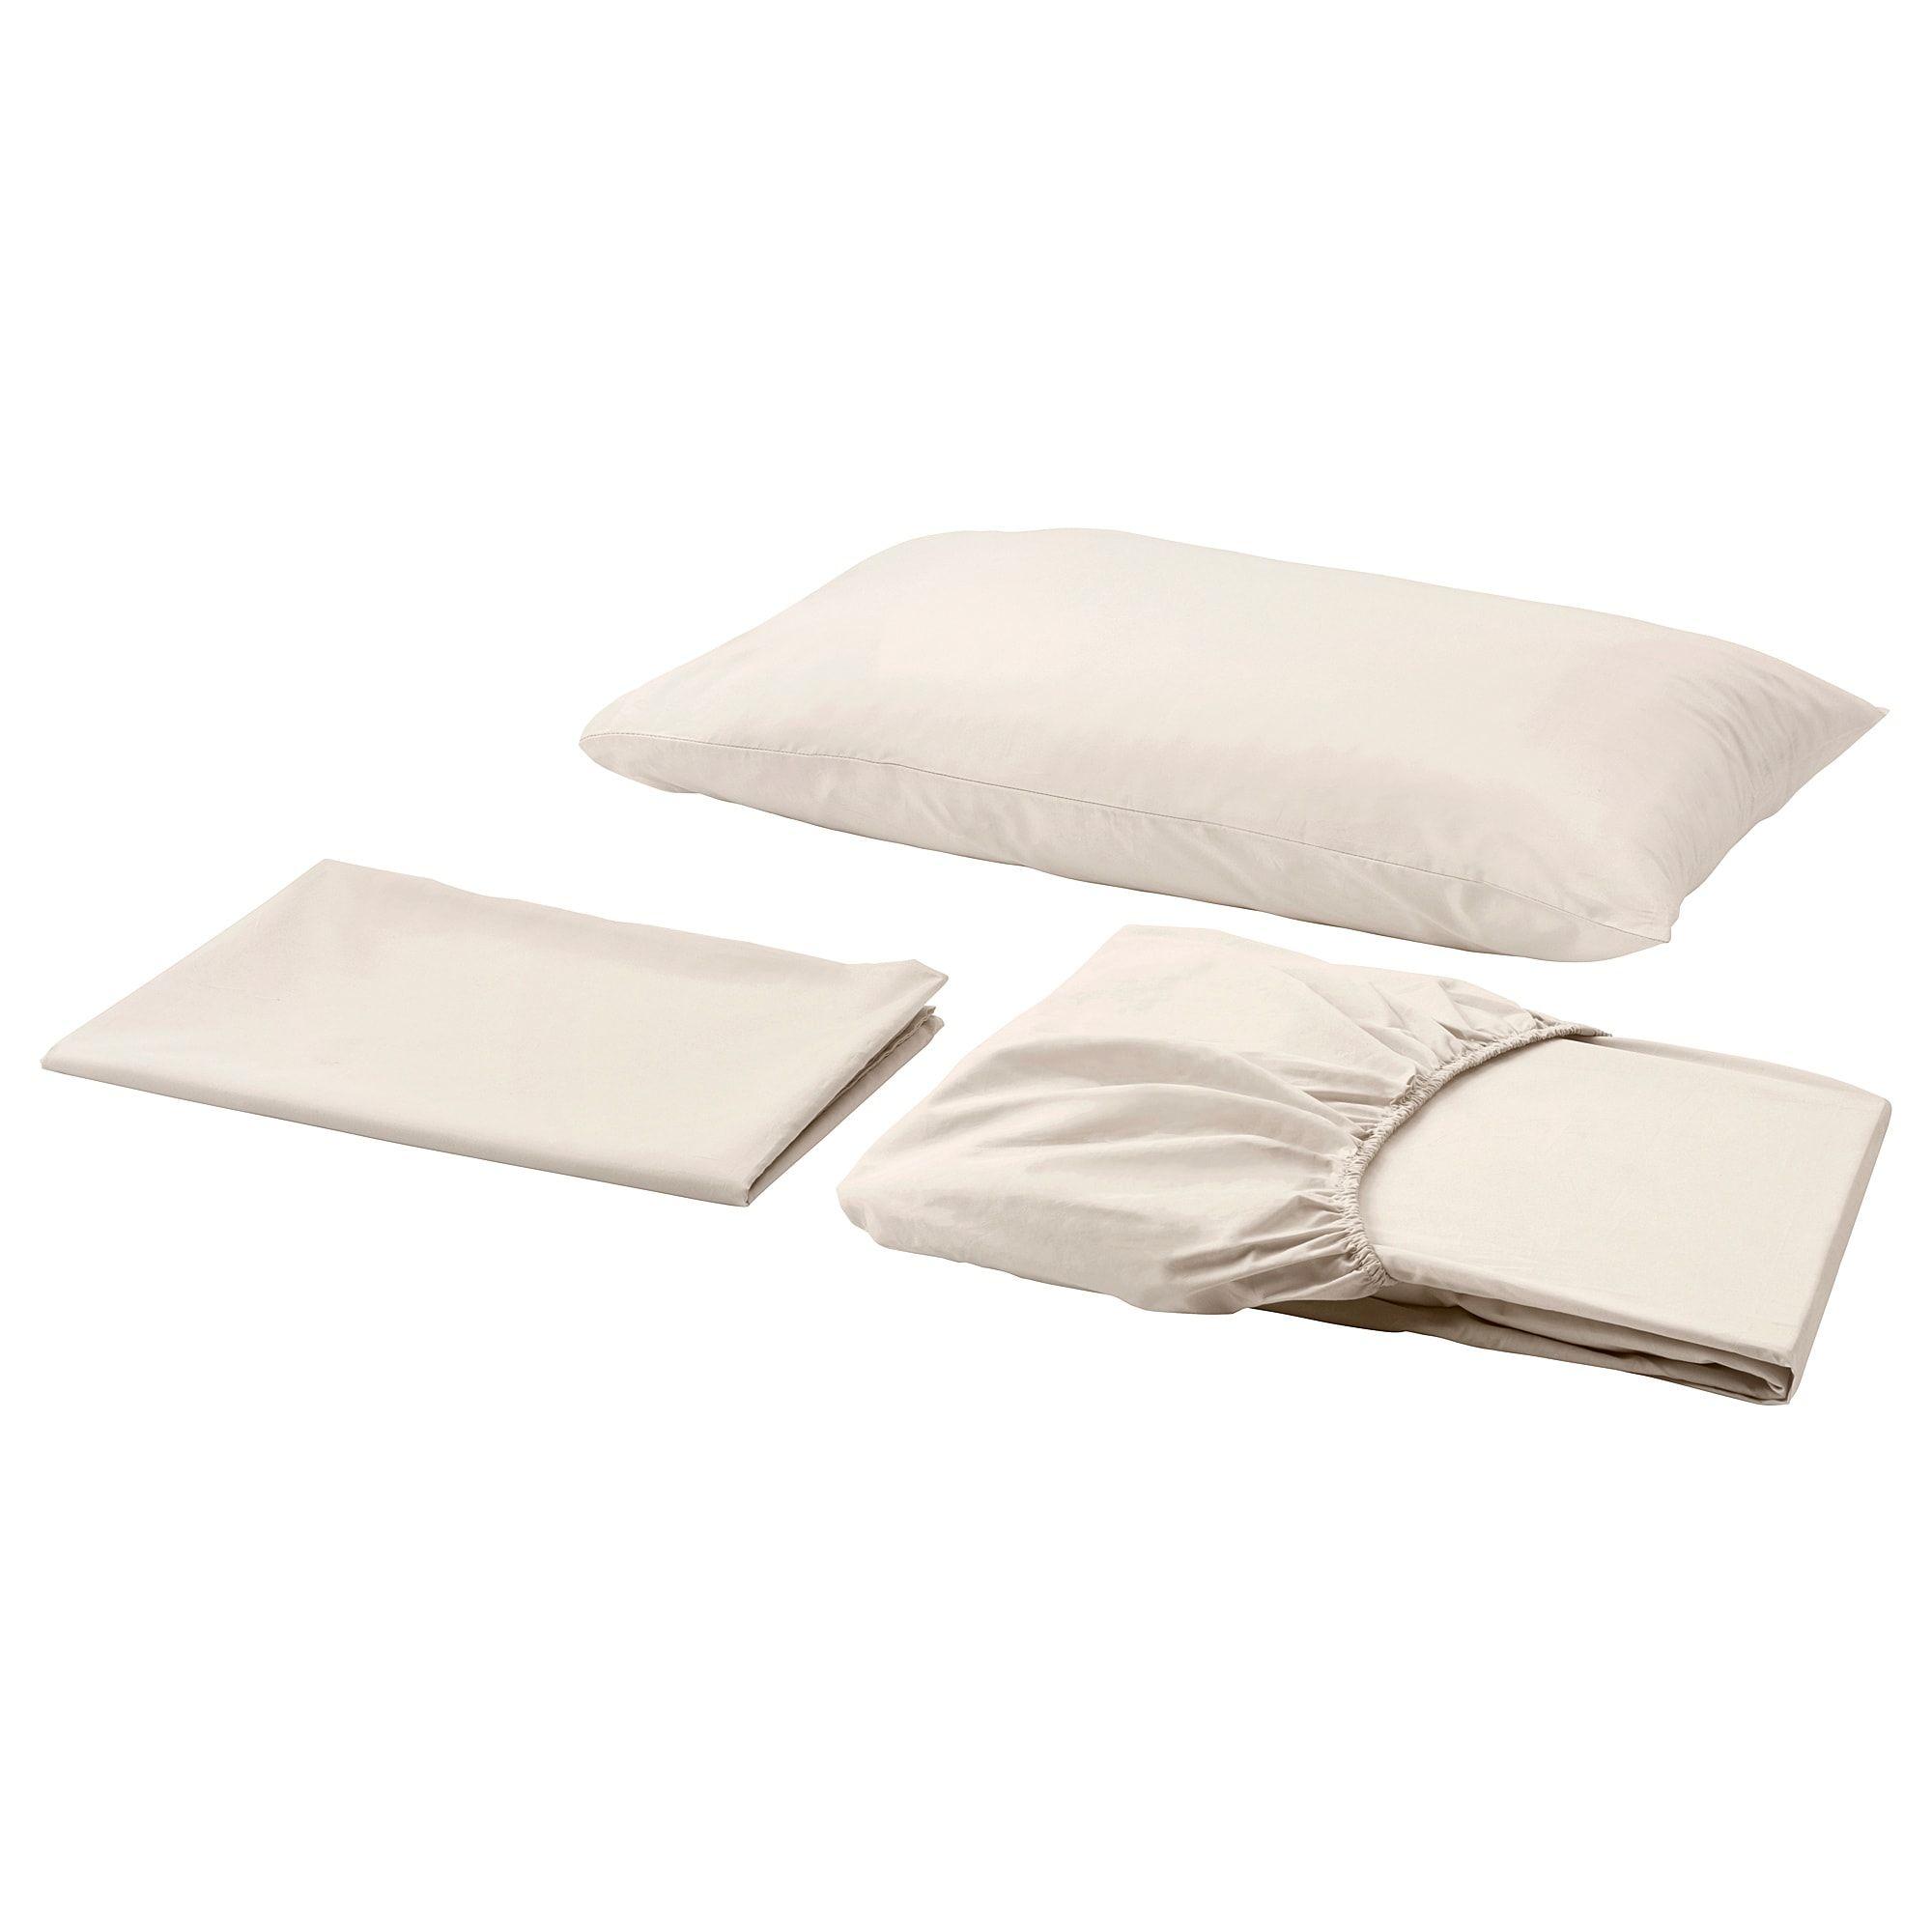 Ikea SÖmntuta Sheet Set Light Beige Products